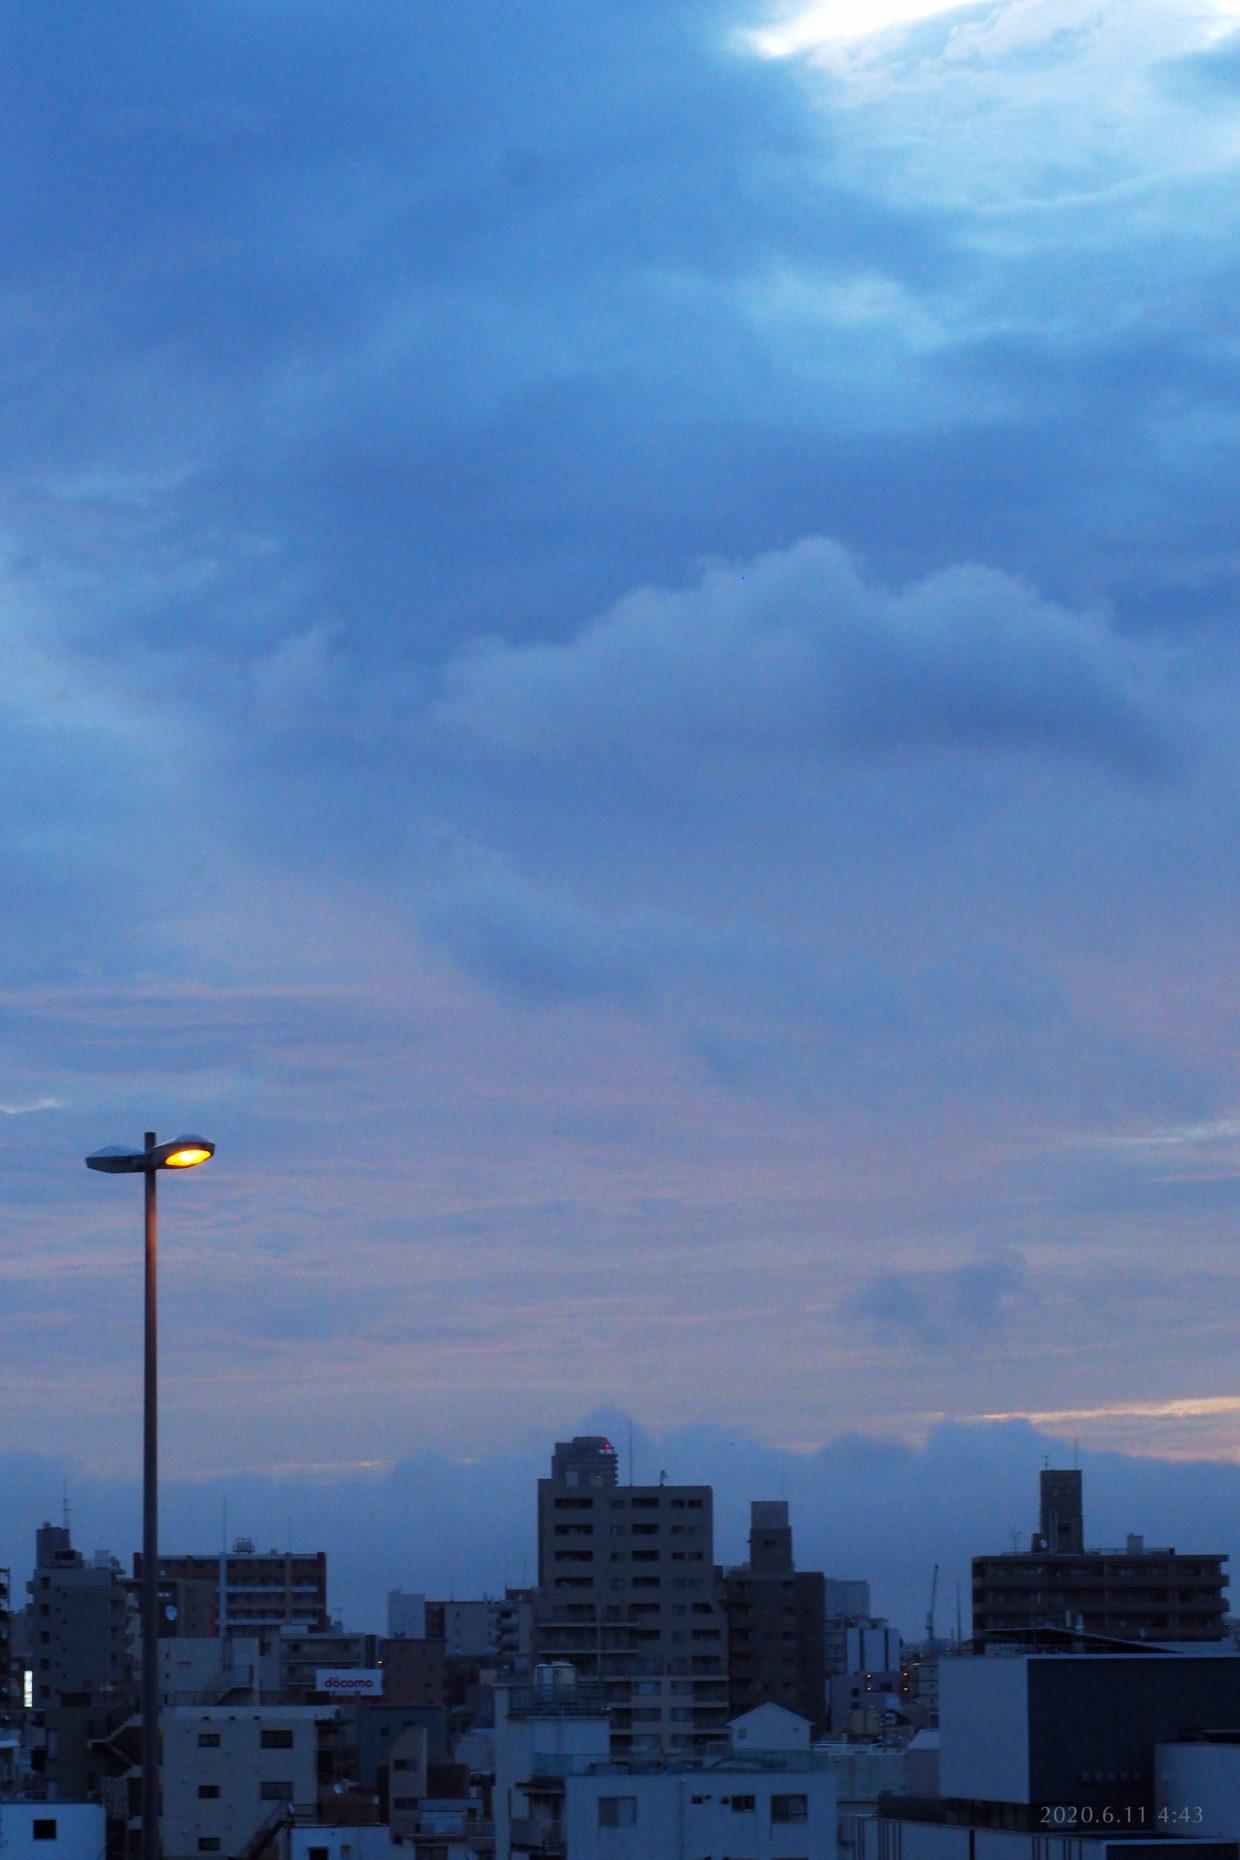 My skies 2020.7.11 4:43